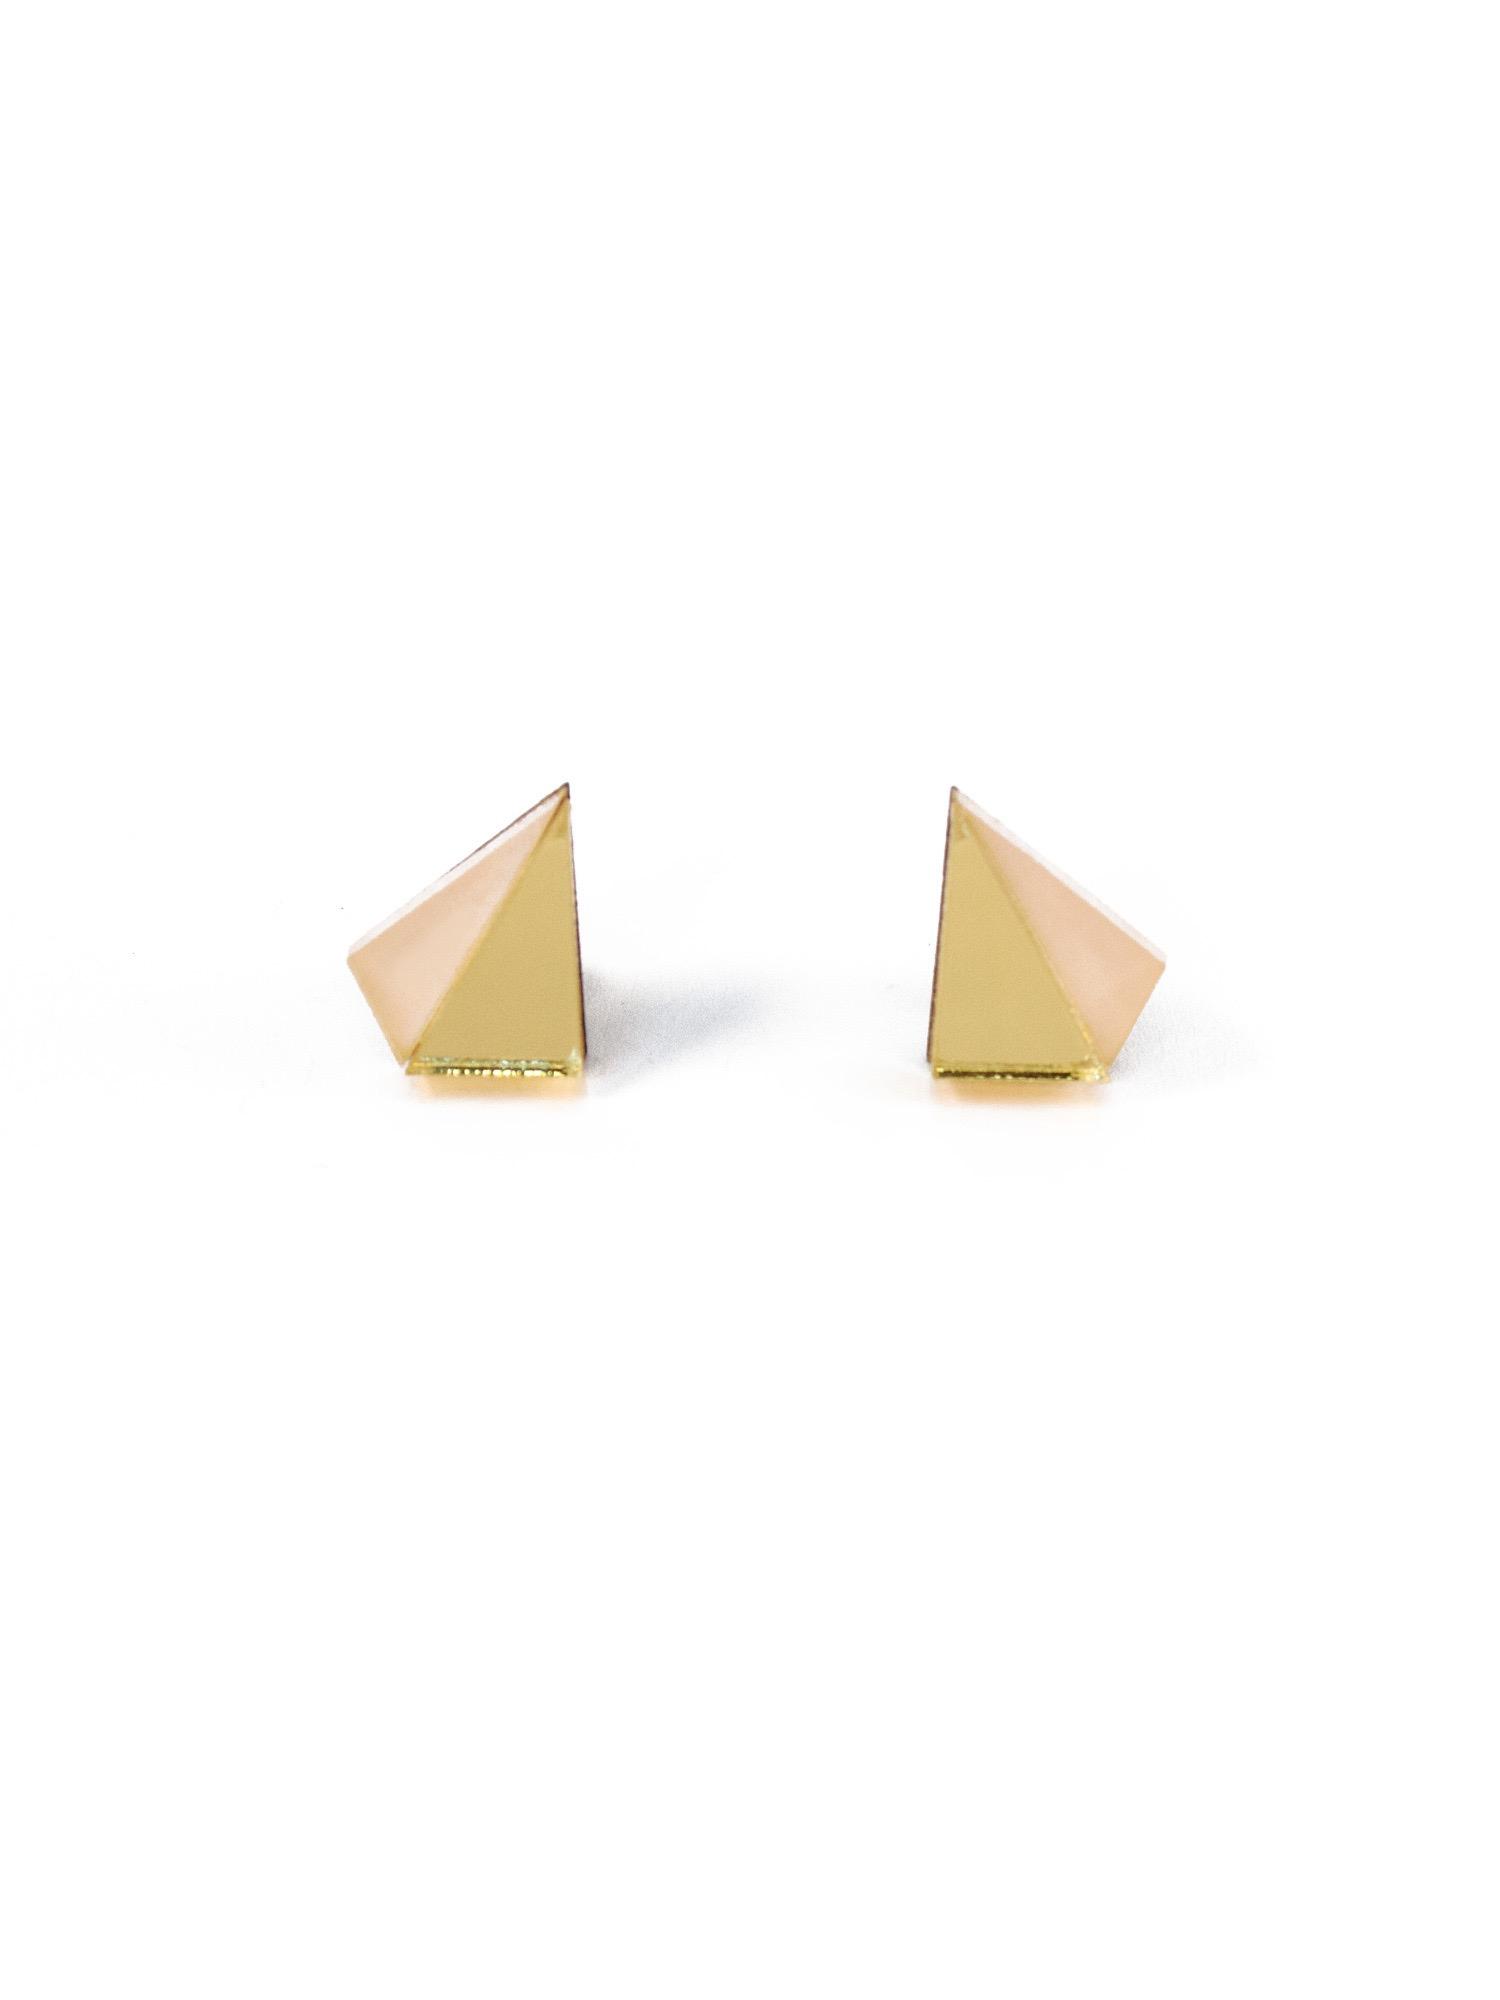 Little Pyramid Stud Earrings